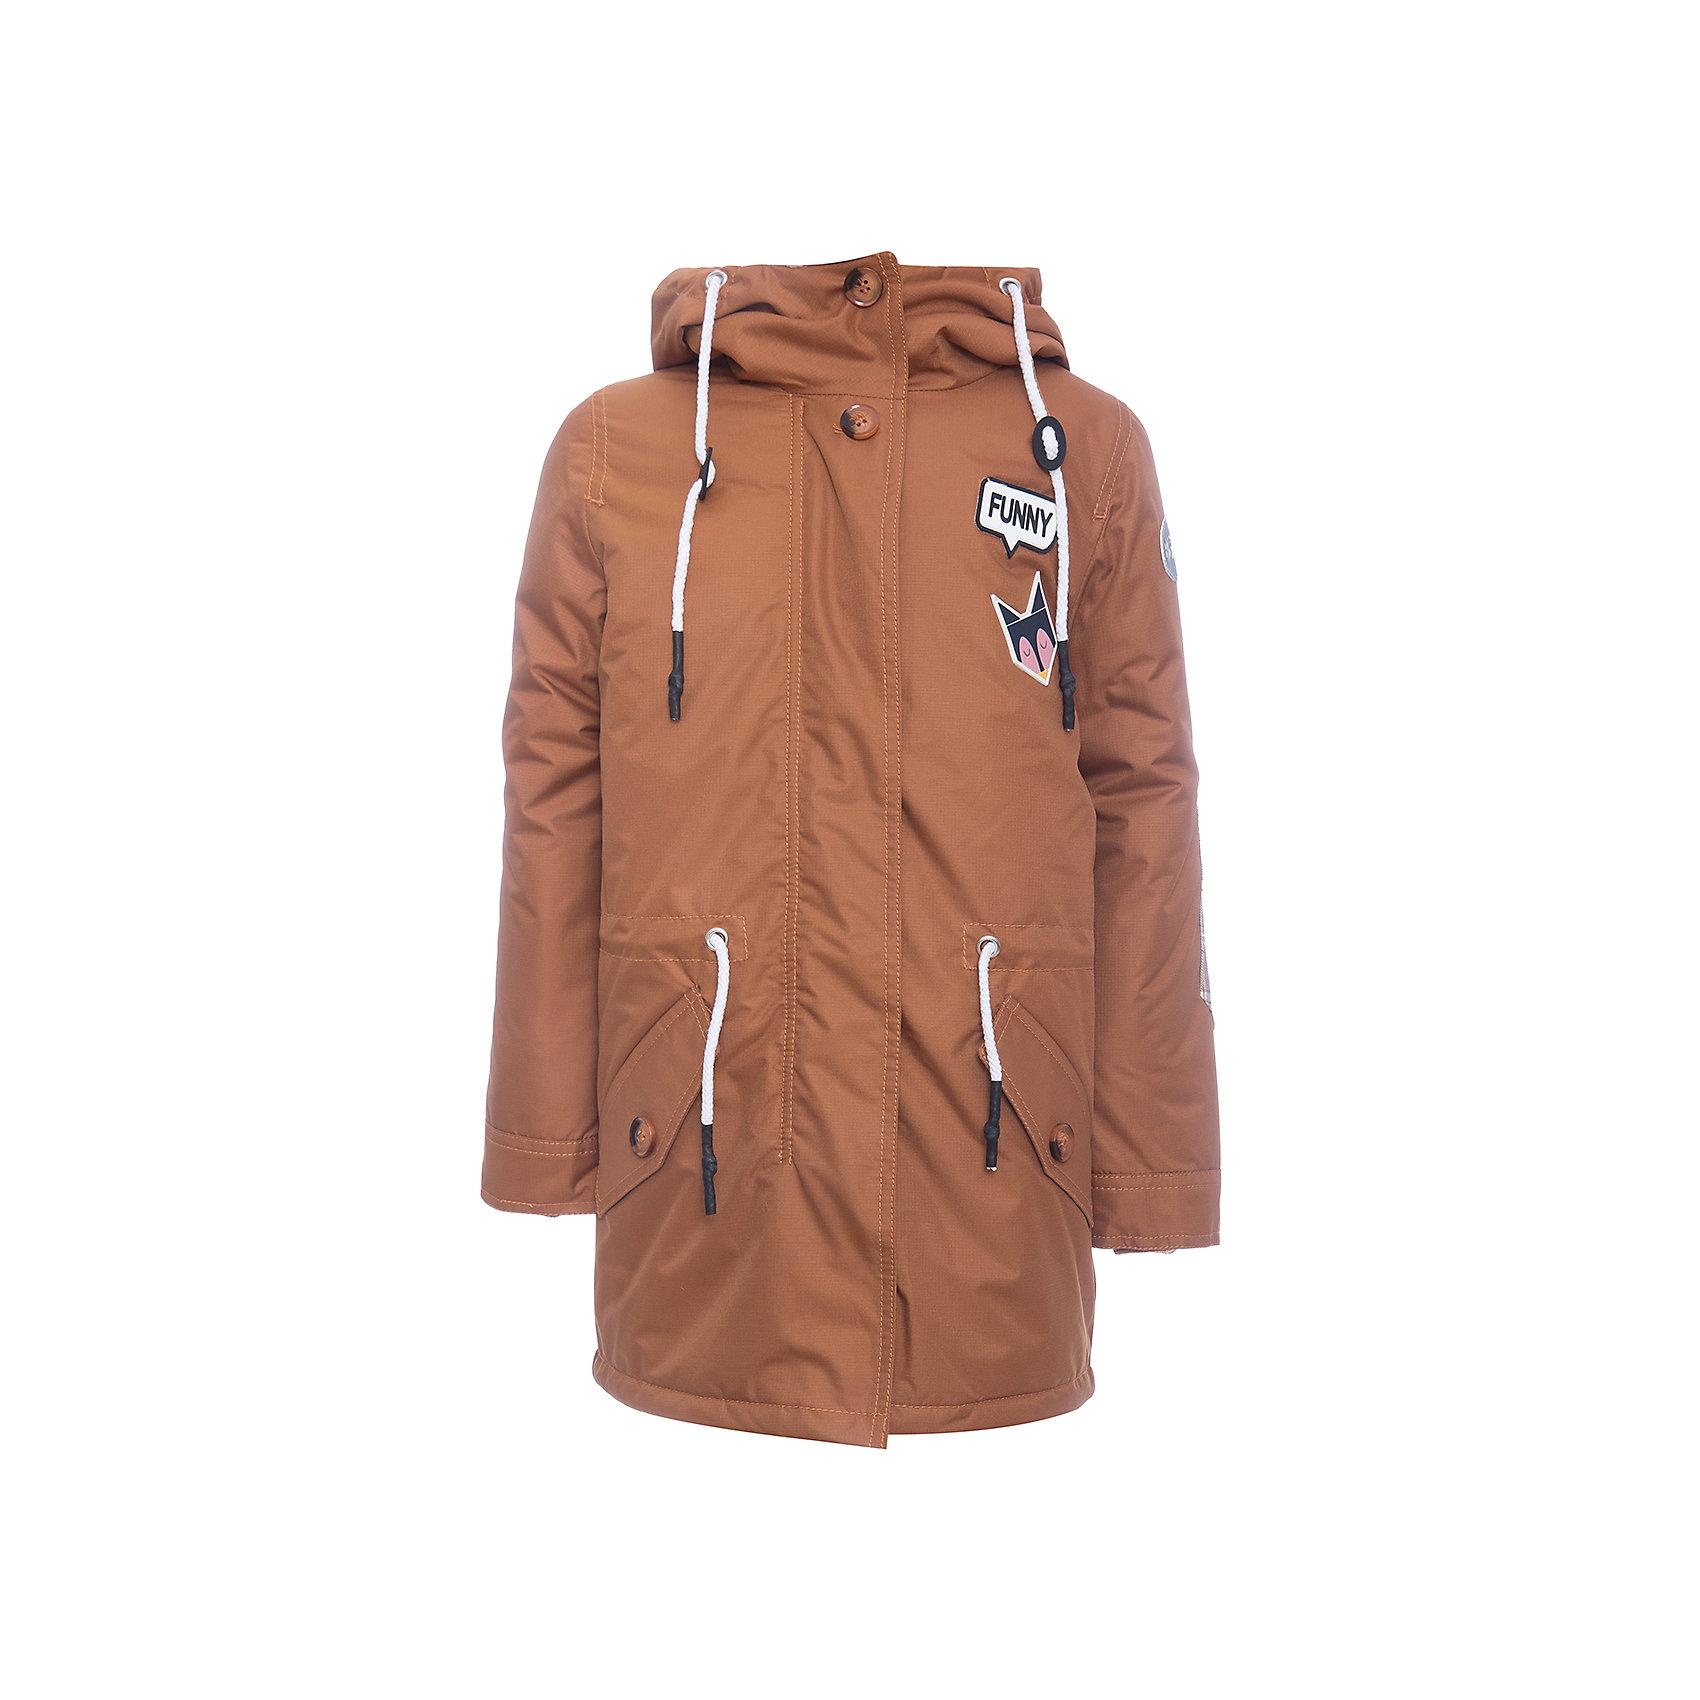 Куртка-парка BOOM by Orby для девочкиВерхняя одежда<br>Характеристики товара:<br><br>• цвет: желтый<br>• ткань верха: Таффета peach pu<br>• отделка: Костюмная ткань принт<br>• подкладка: ПЭ пуходержащий<br>• утеплитель: Flexy Fiber 100 г/м2<br>• сезон: демисезон<br>• температурный режим: от +5° до +15°С<br>• особенности: на молнии, планка от ветра<br>• тип куртки: парка<br>• капюшон: без меха, несъемный<br>• страна бренда: Россия<br>• страна изготовитель: Россия<br><br>Детская демисезонная одежда должна учитывать переменную погоду, быть теплой и удобной, как эта парка для девочки. Она отлично защищает ребенка от ветра и холода. <br><br>Куртку-парку BOOM by Orby для девочки можно купить в нашем интернет-магазине.<br><br>Ширина мм: 356<br>Глубина мм: 10<br>Высота мм: 245<br>Вес г: 519<br>Цвет: желтый<br>Возраст от месяцев: 144<br>Возраст до месяцев: 156<br>Пол: Женский<br>Возраст: Детский<br>Размер: 158,104,110,98,116,122,128,134,140,146,152<br>SKU: 7007176